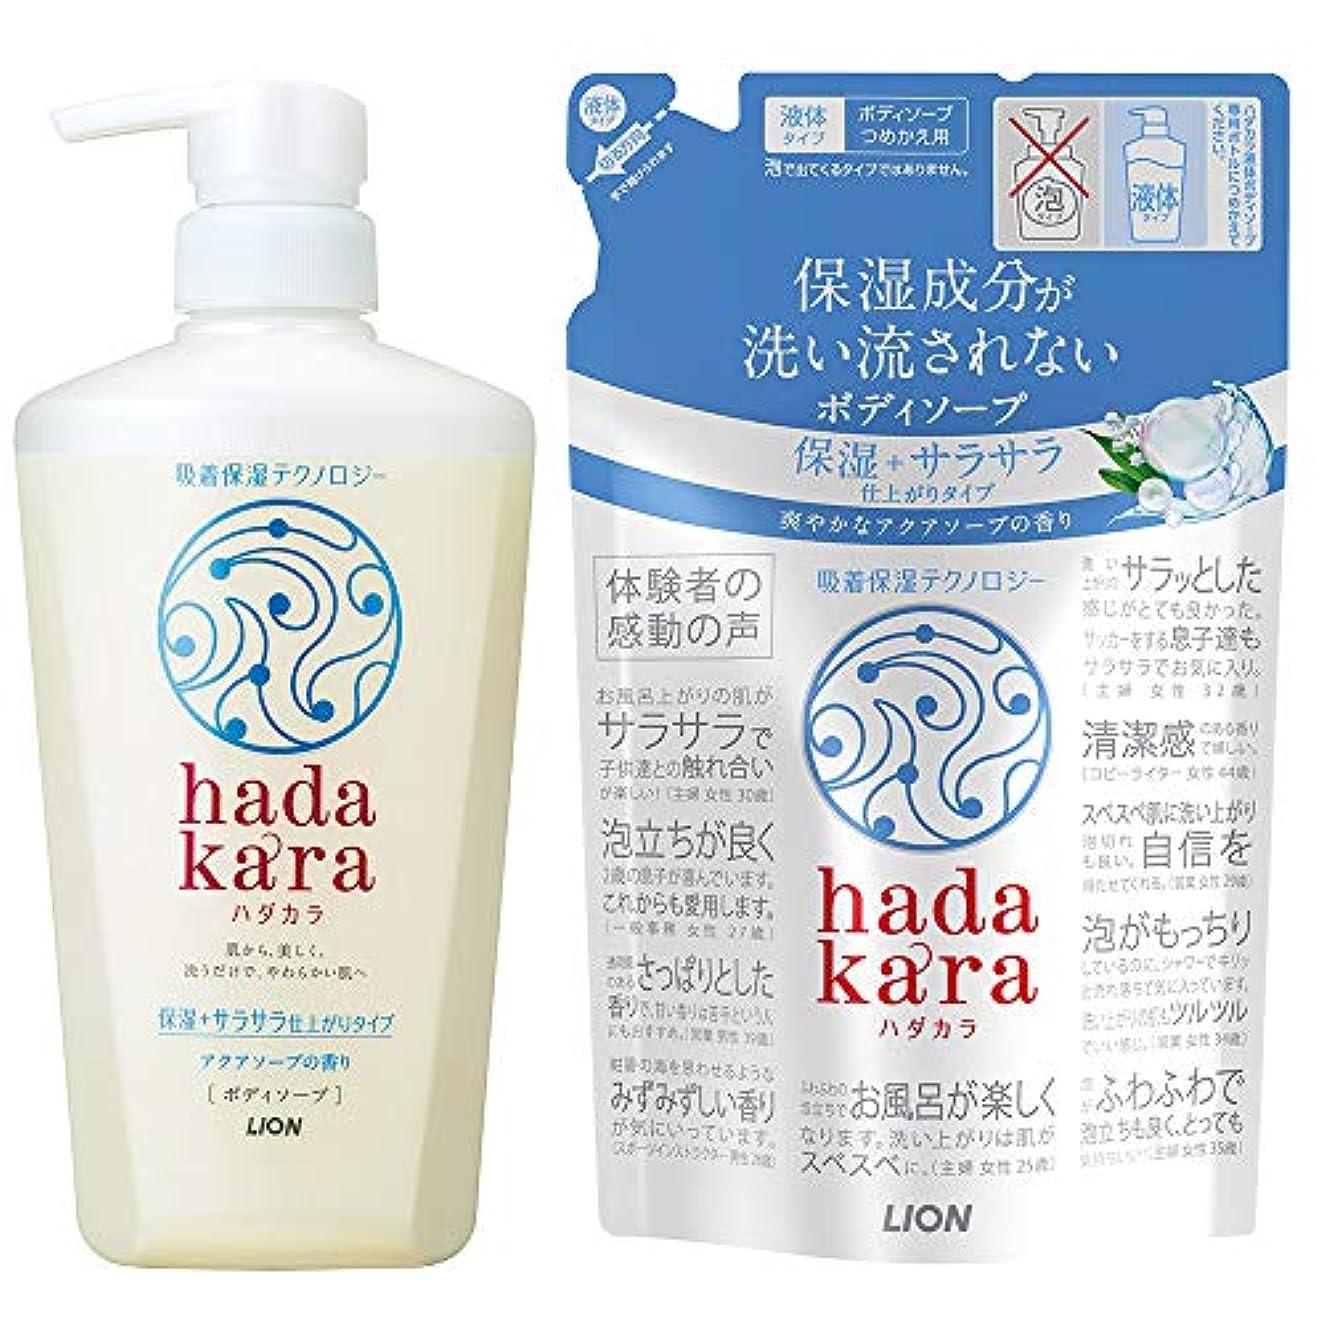 異常ドールもちろんhadakara(ハダカラ)ボディソープ 保湿+サラサラ仕上がりタイプ アクアソープの香り 本体 480ml + つめかえ 340ml